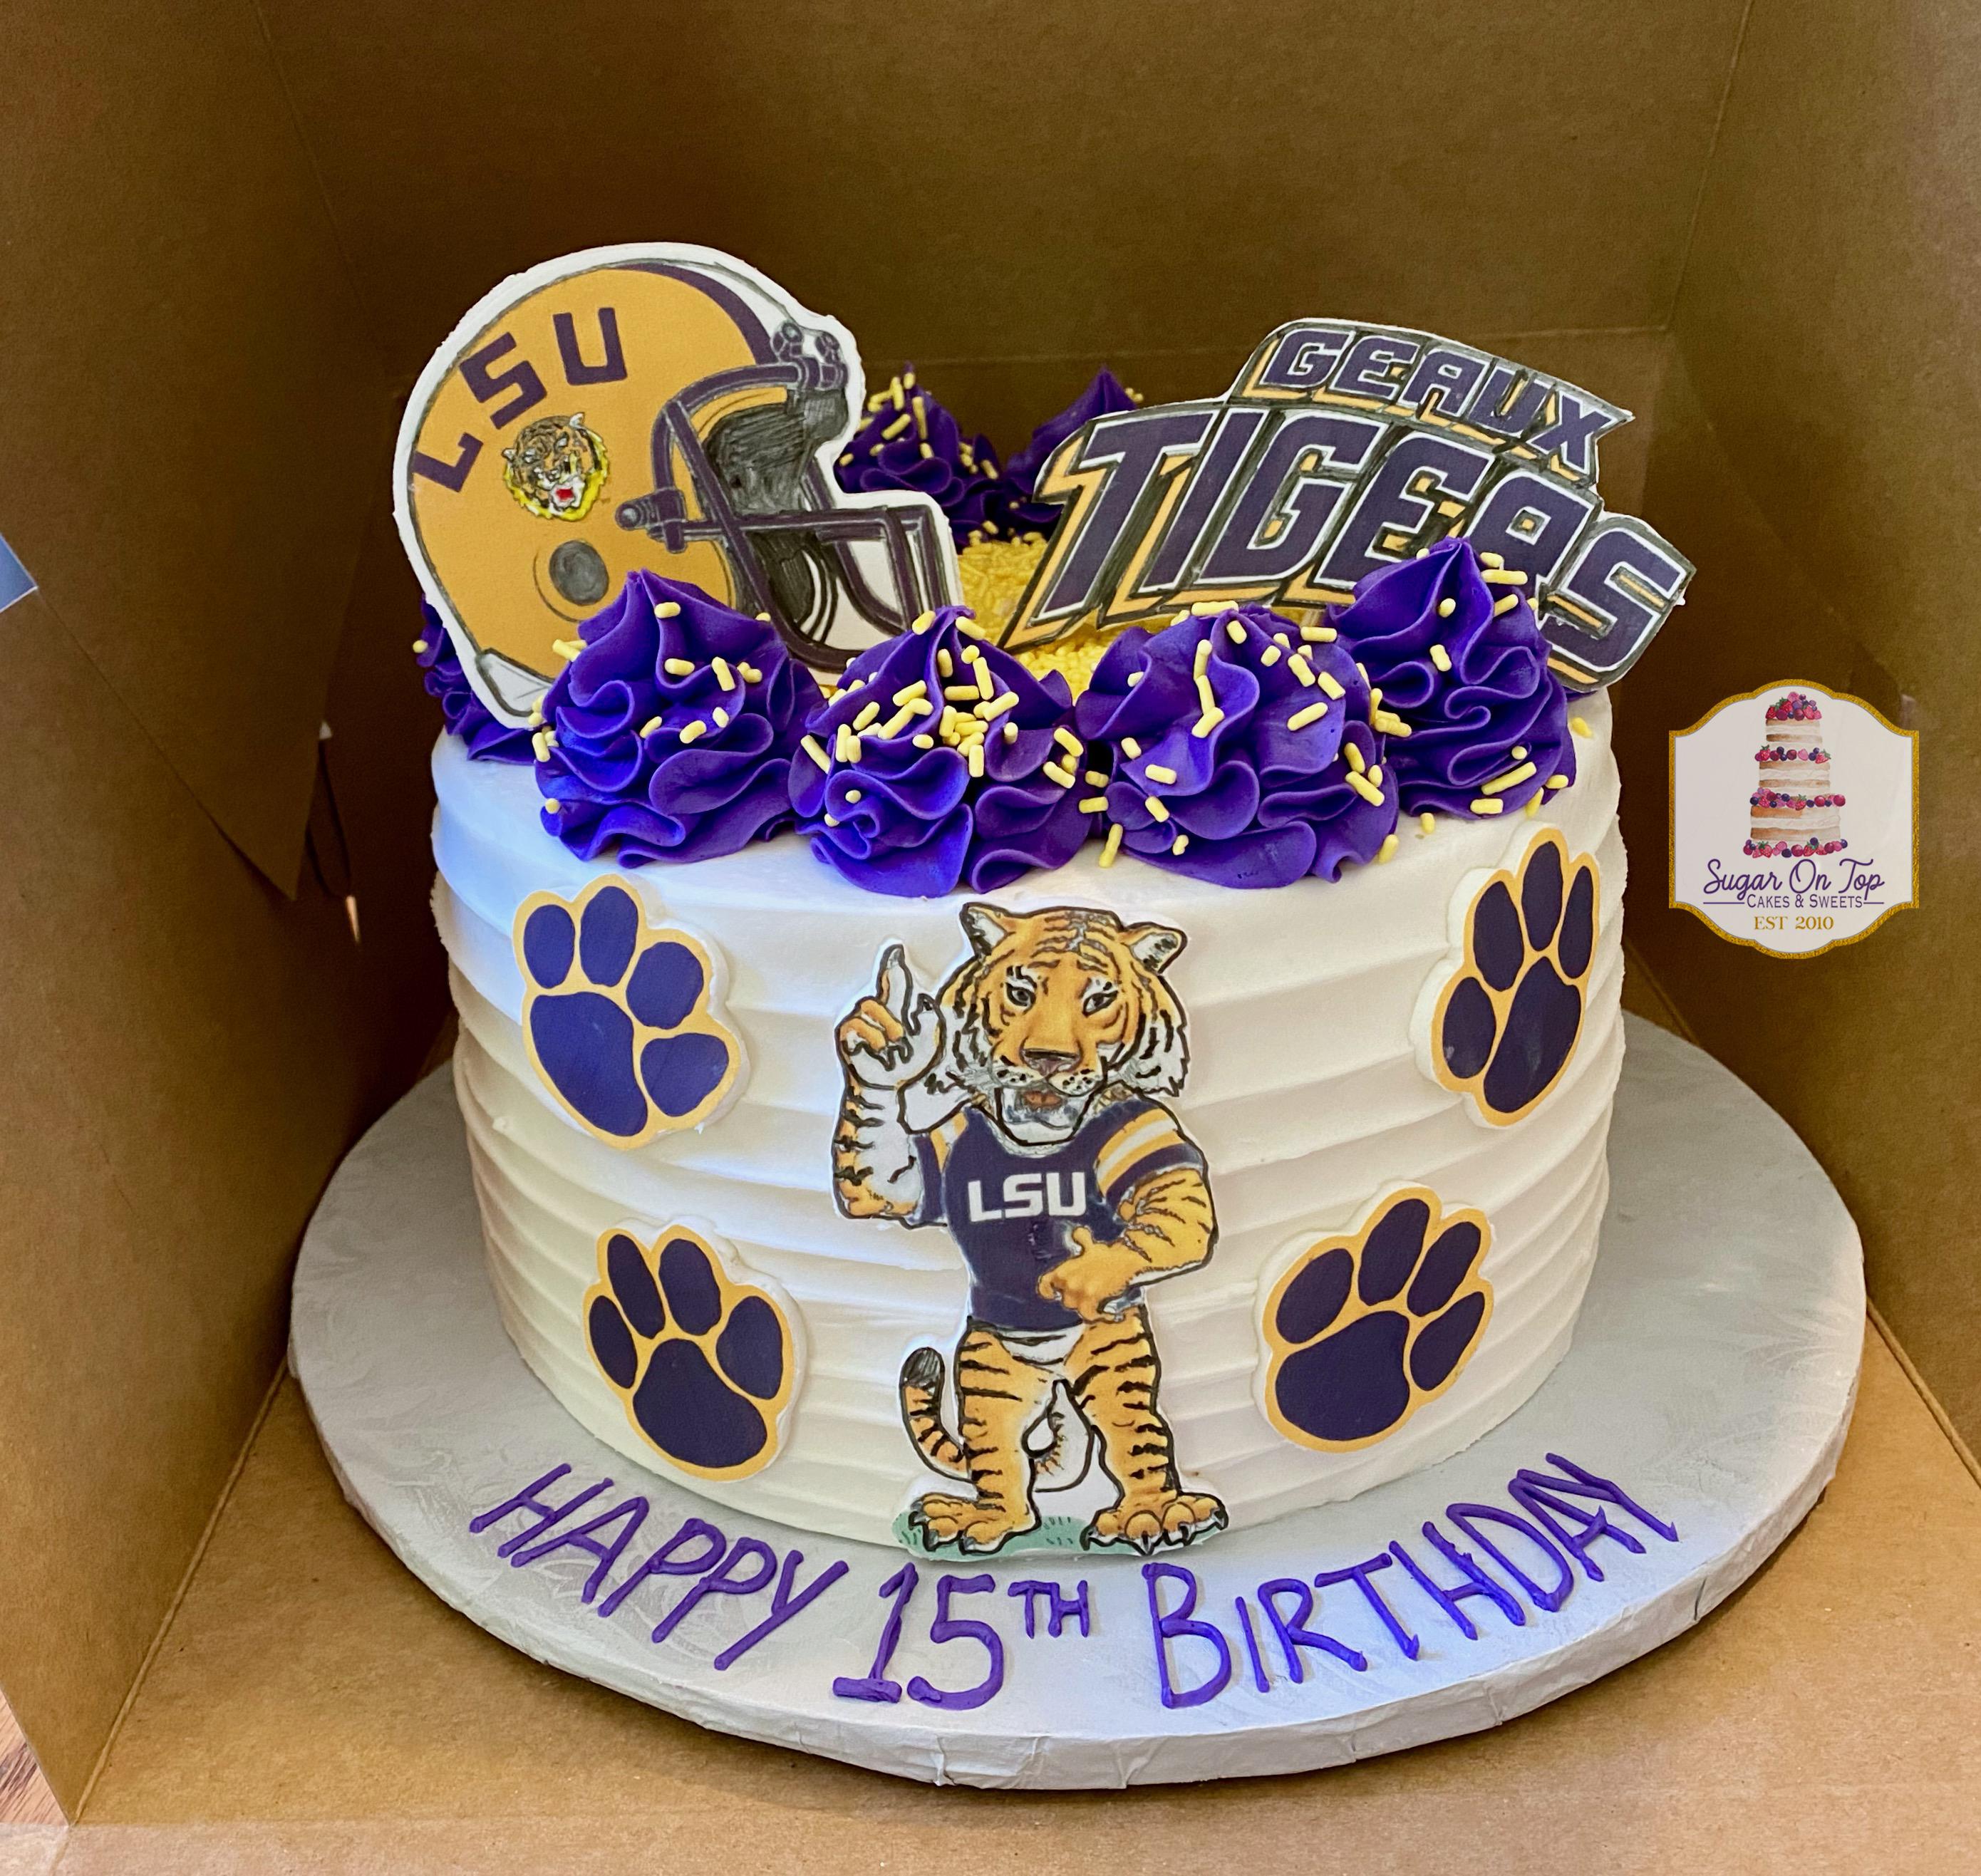 LSU cake